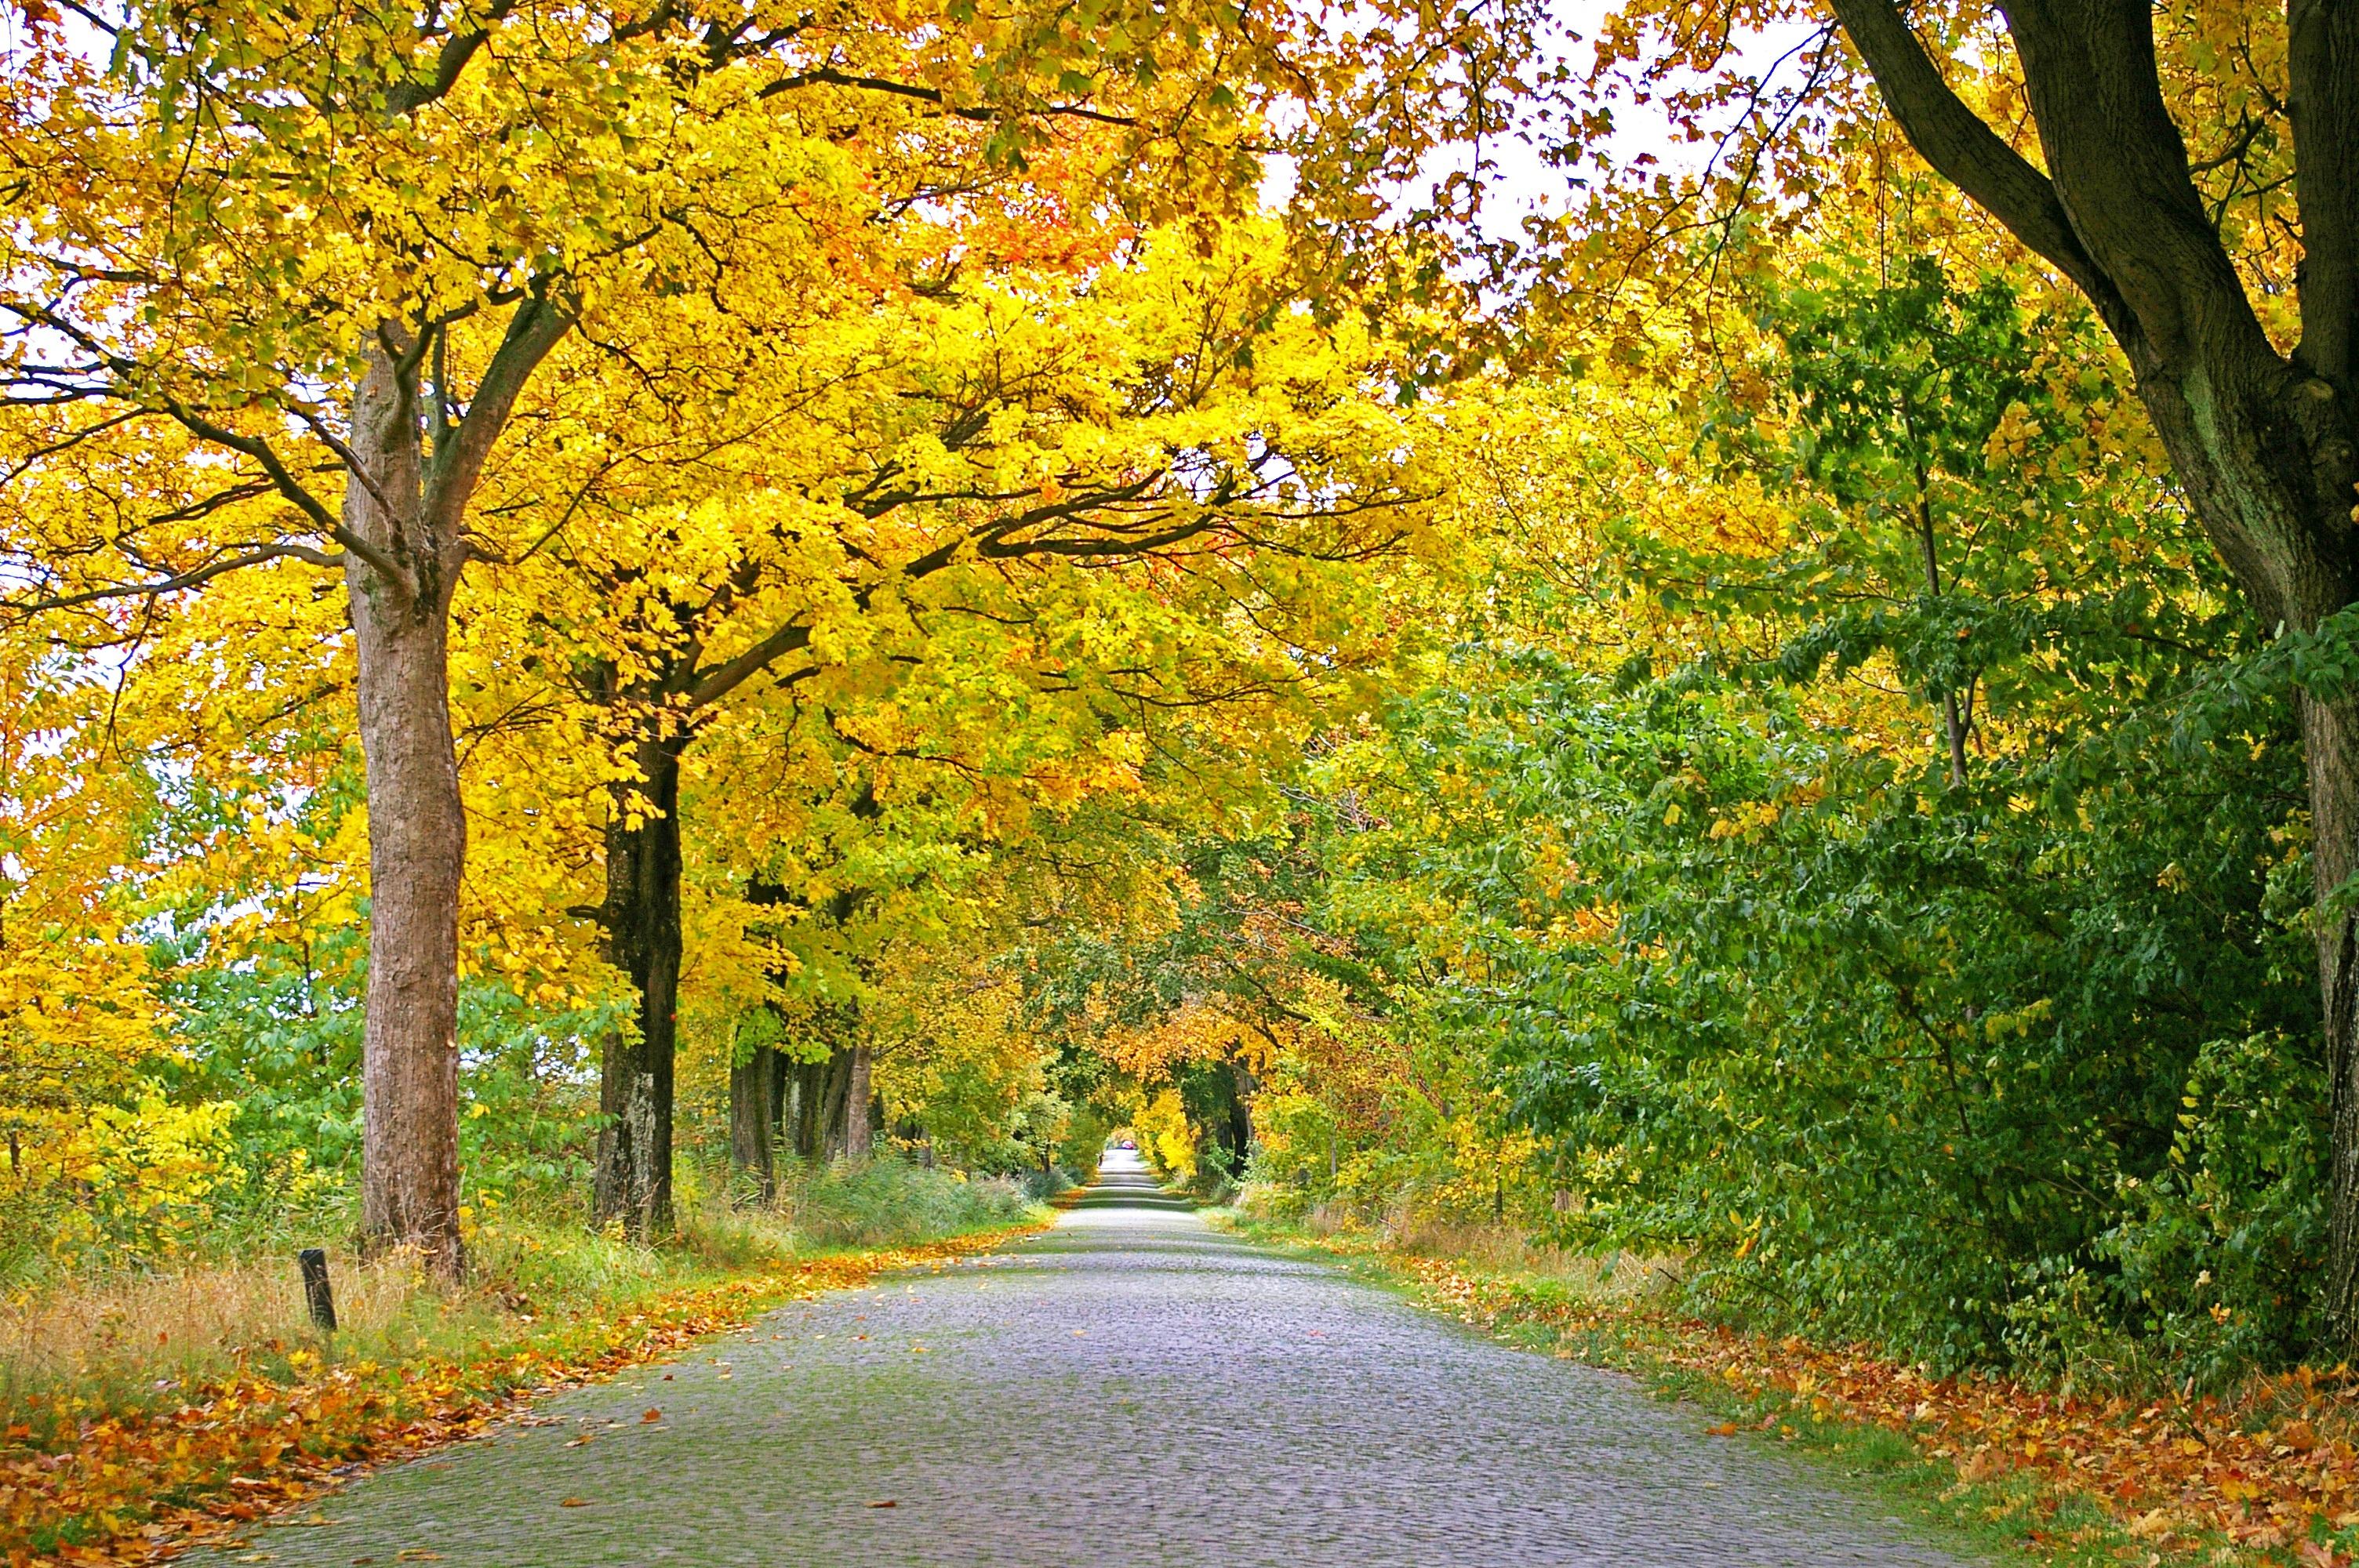 Free Images : landscape, nature, road, sunlight, leaf, flower ...